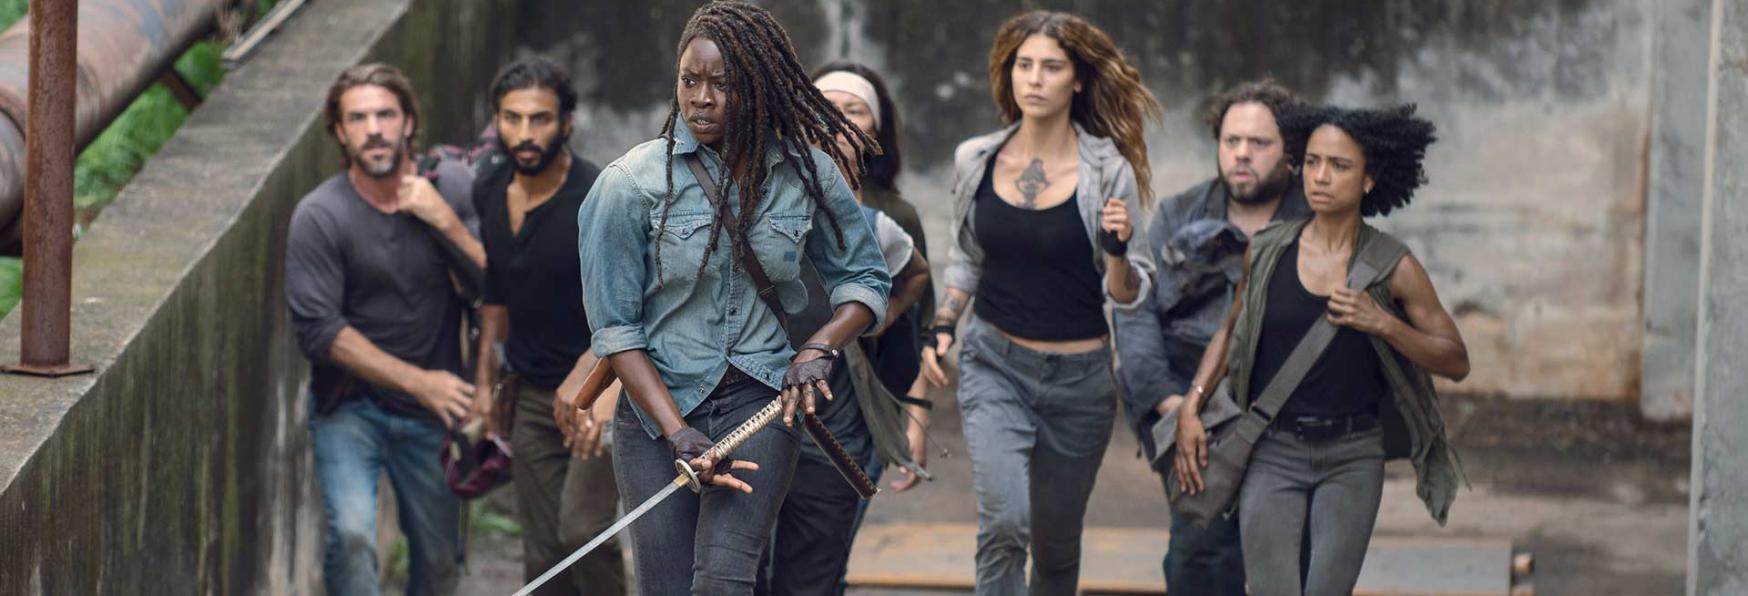 The Walking Dead 10: Diverged è l'Episodio Peggio Recensito di tutta la Serie TV